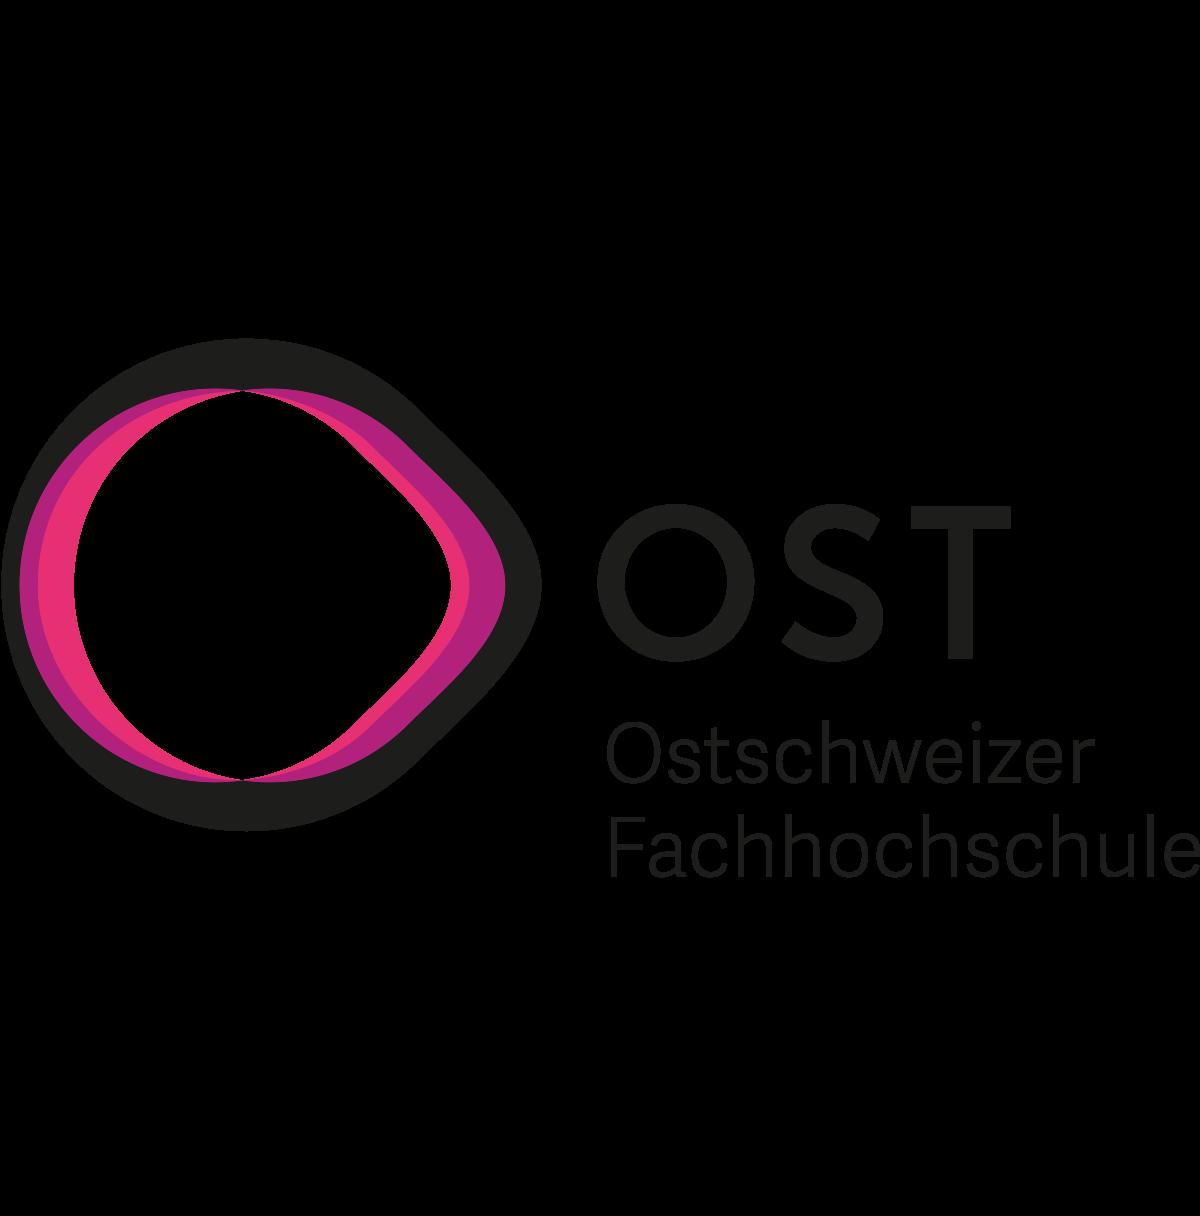 Ostschweizer Fachhochschule